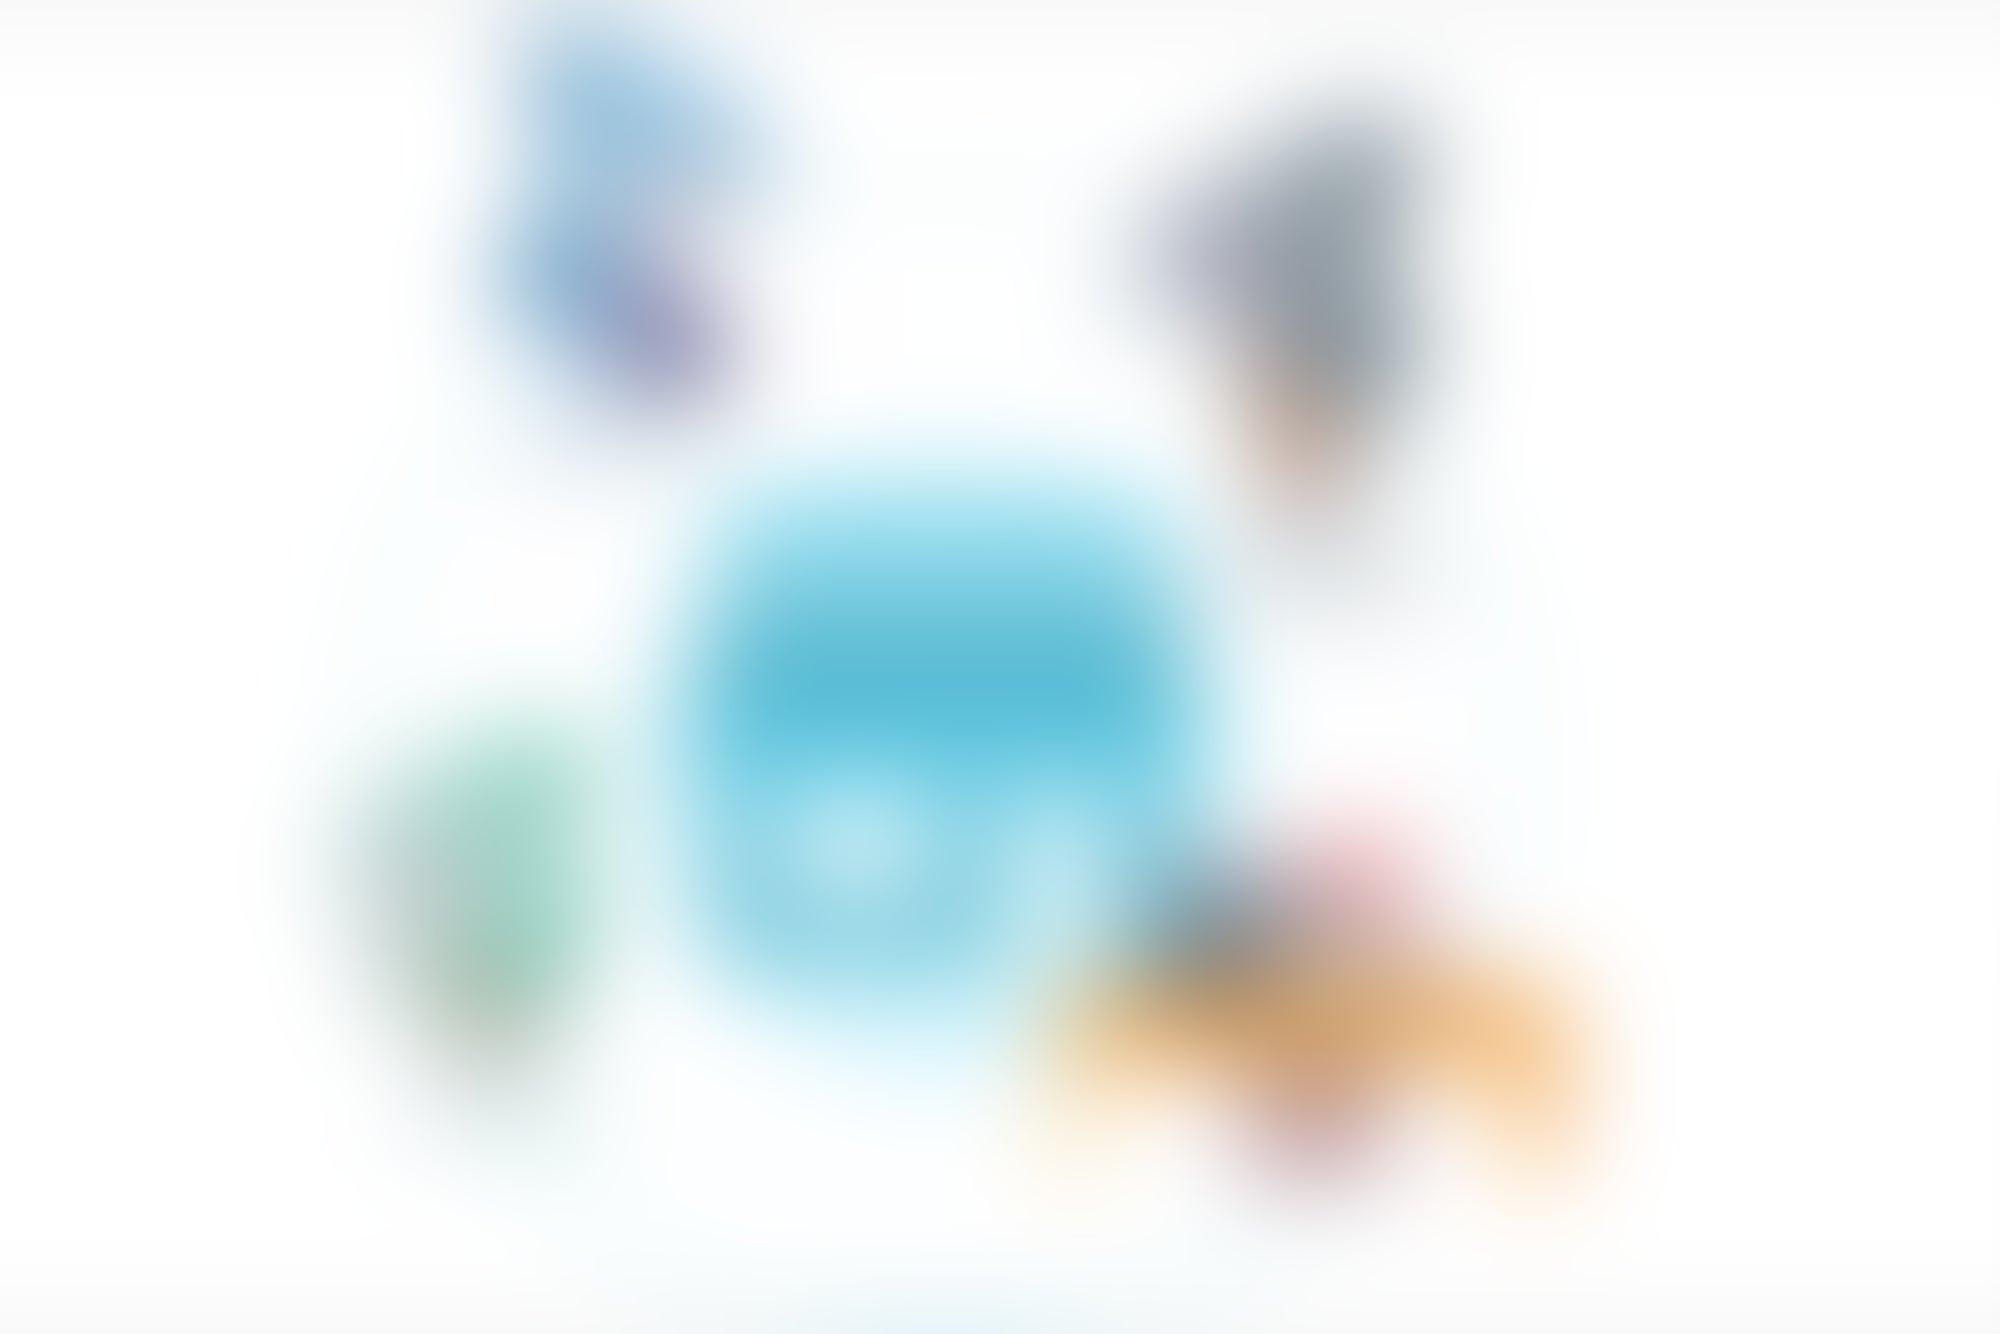 La app Sirena levanta 3 millones de dólares en inversión